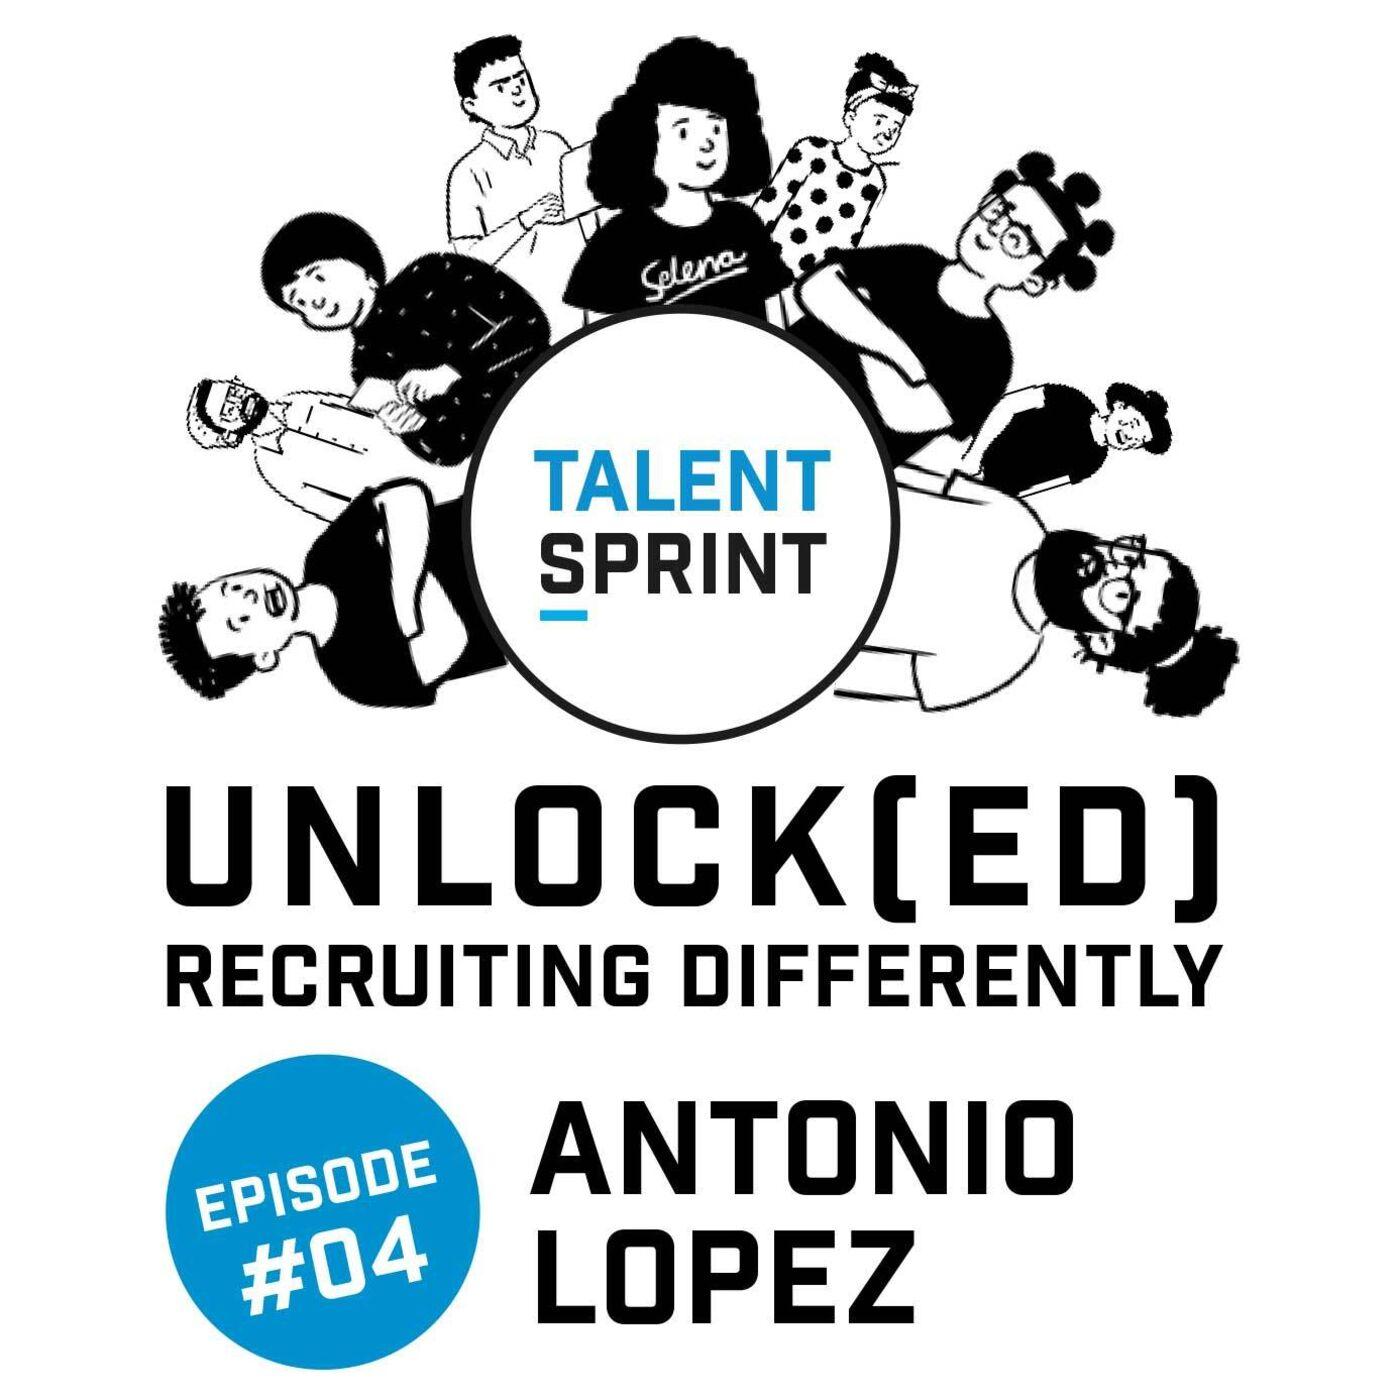 Episode 4 - Unlock(ed) with Antonio López